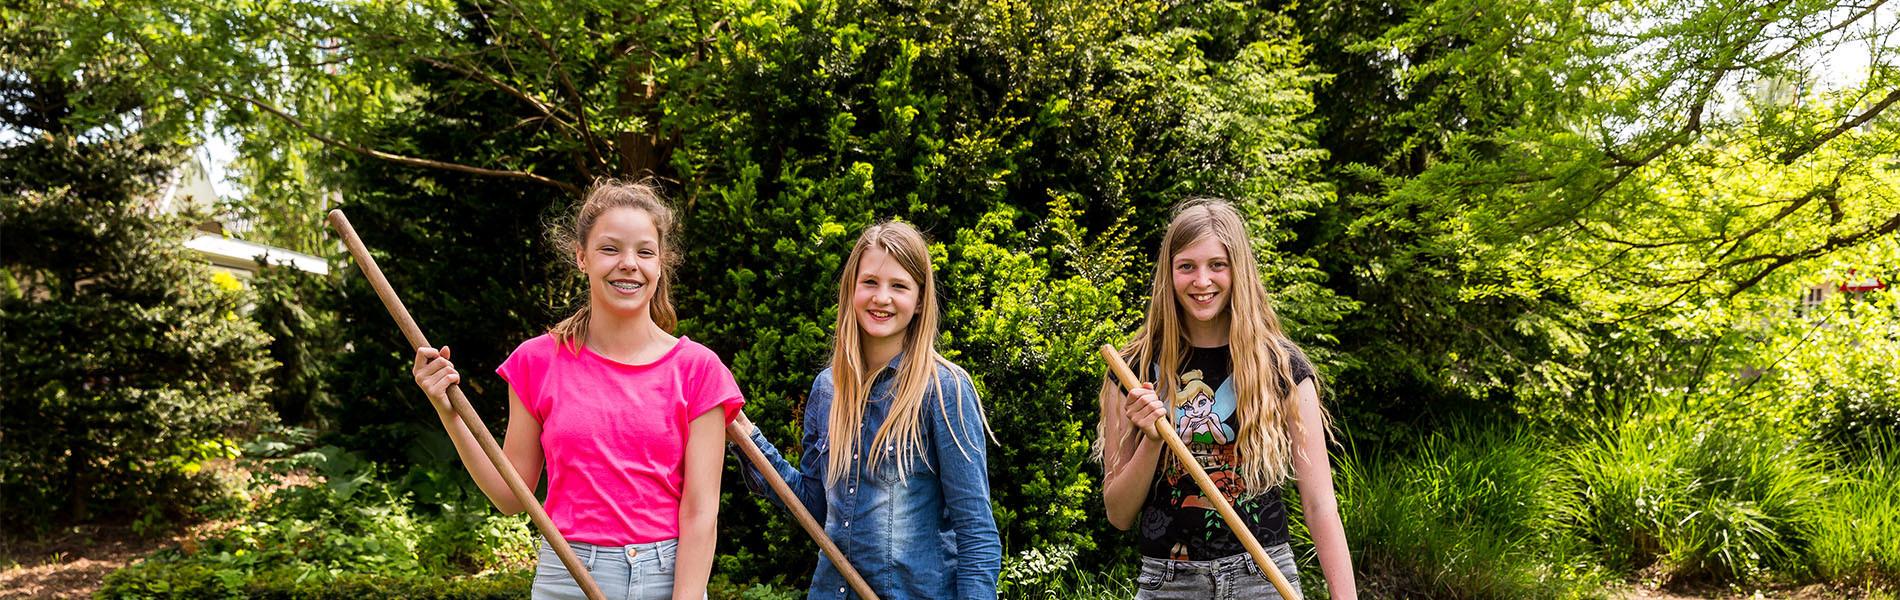 VMBO Nijkerk drie meisjes met schoffel